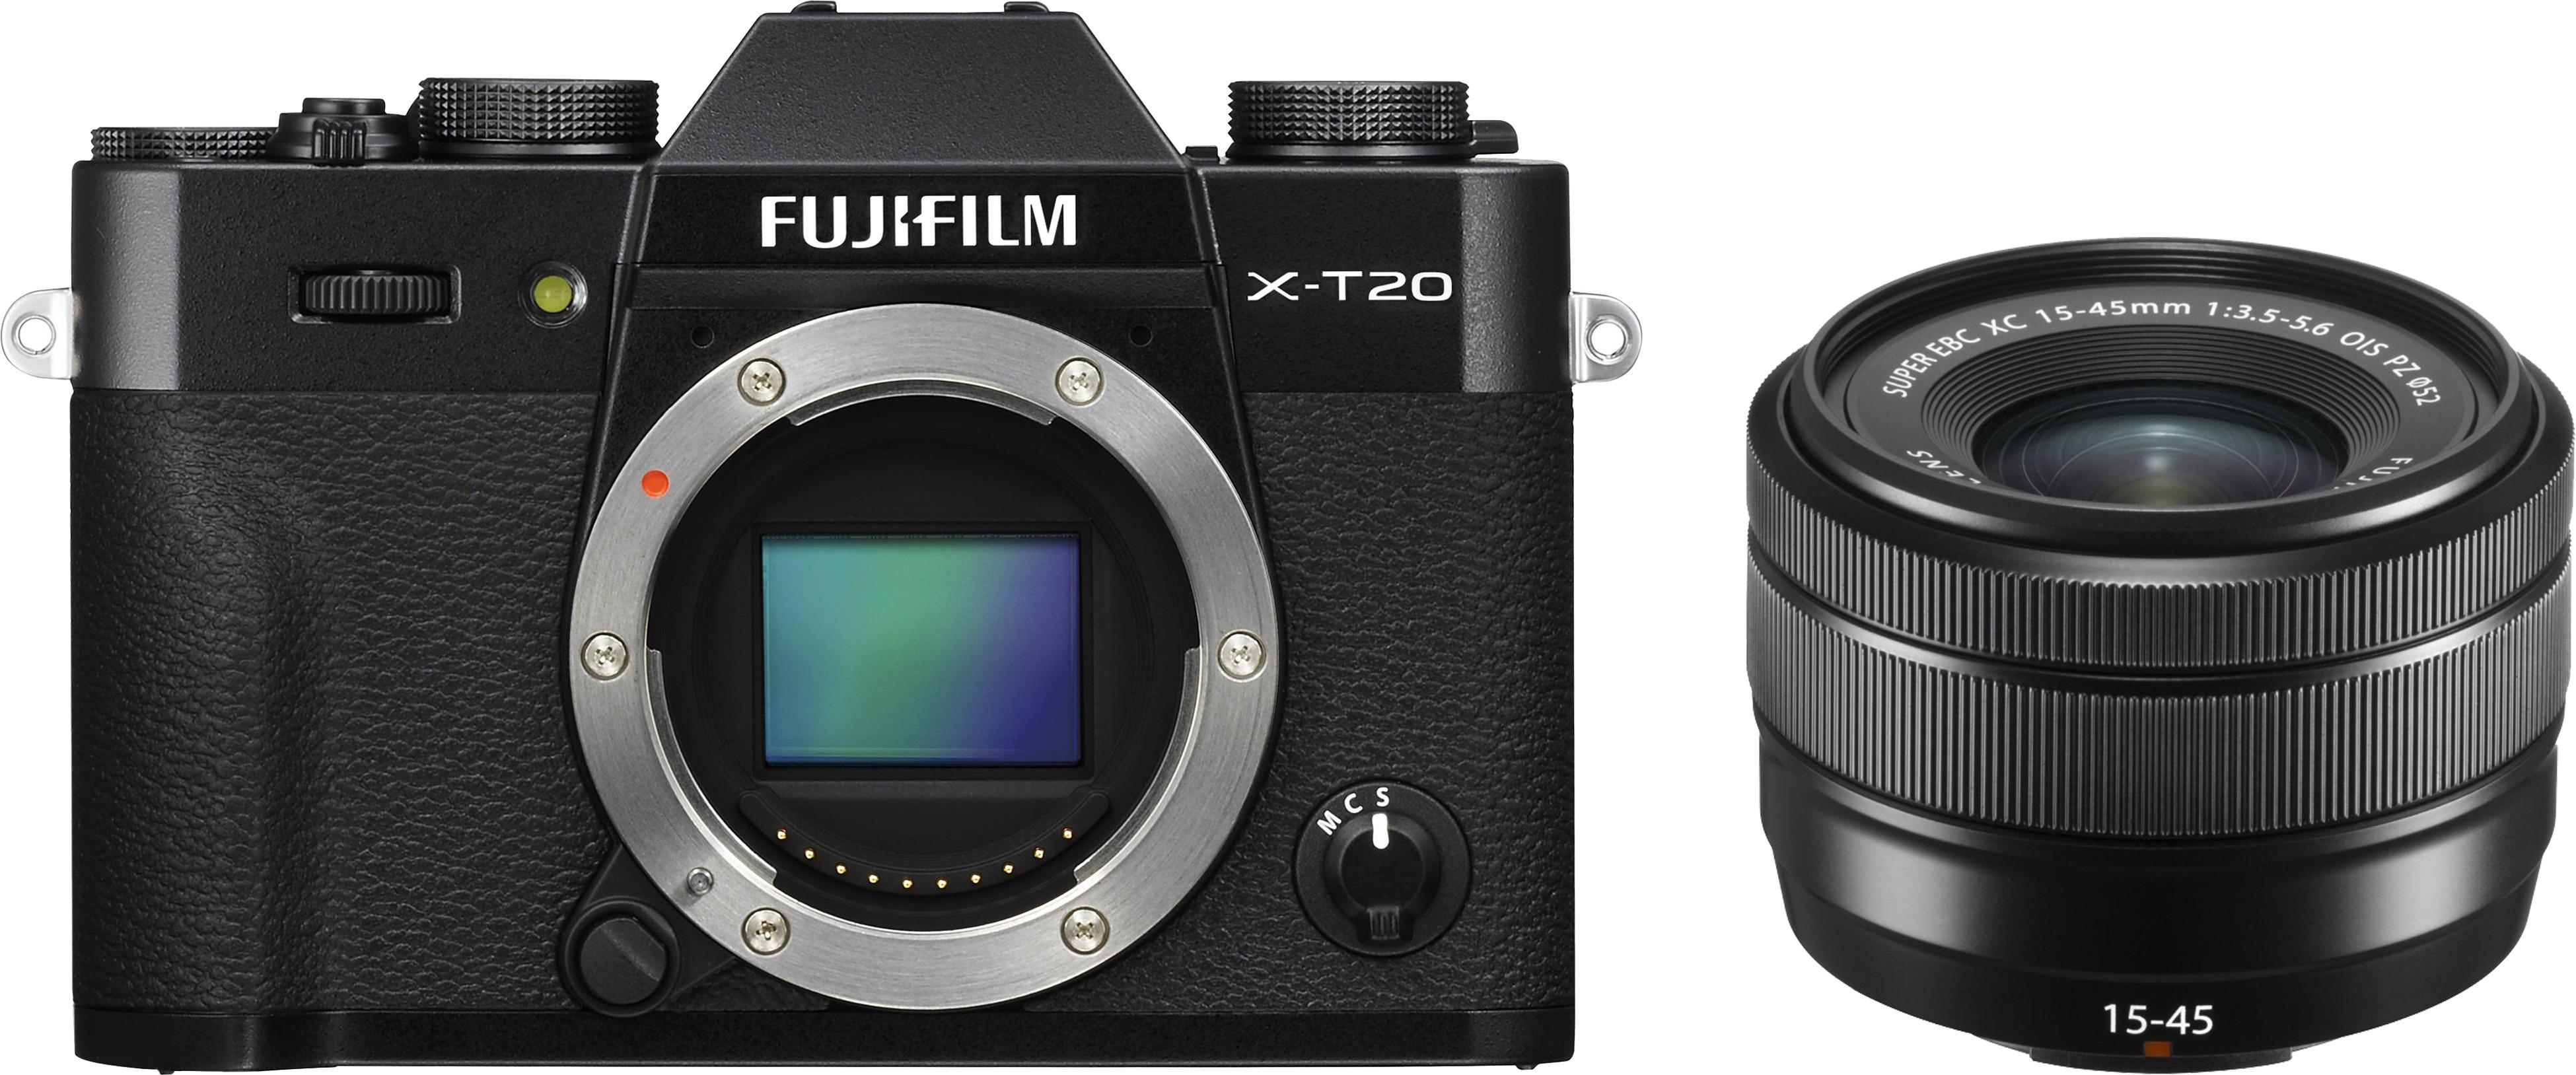 Fujifilm X-T20 + 15-45mm Kit, melns 4547410374773 Digitālā kamera